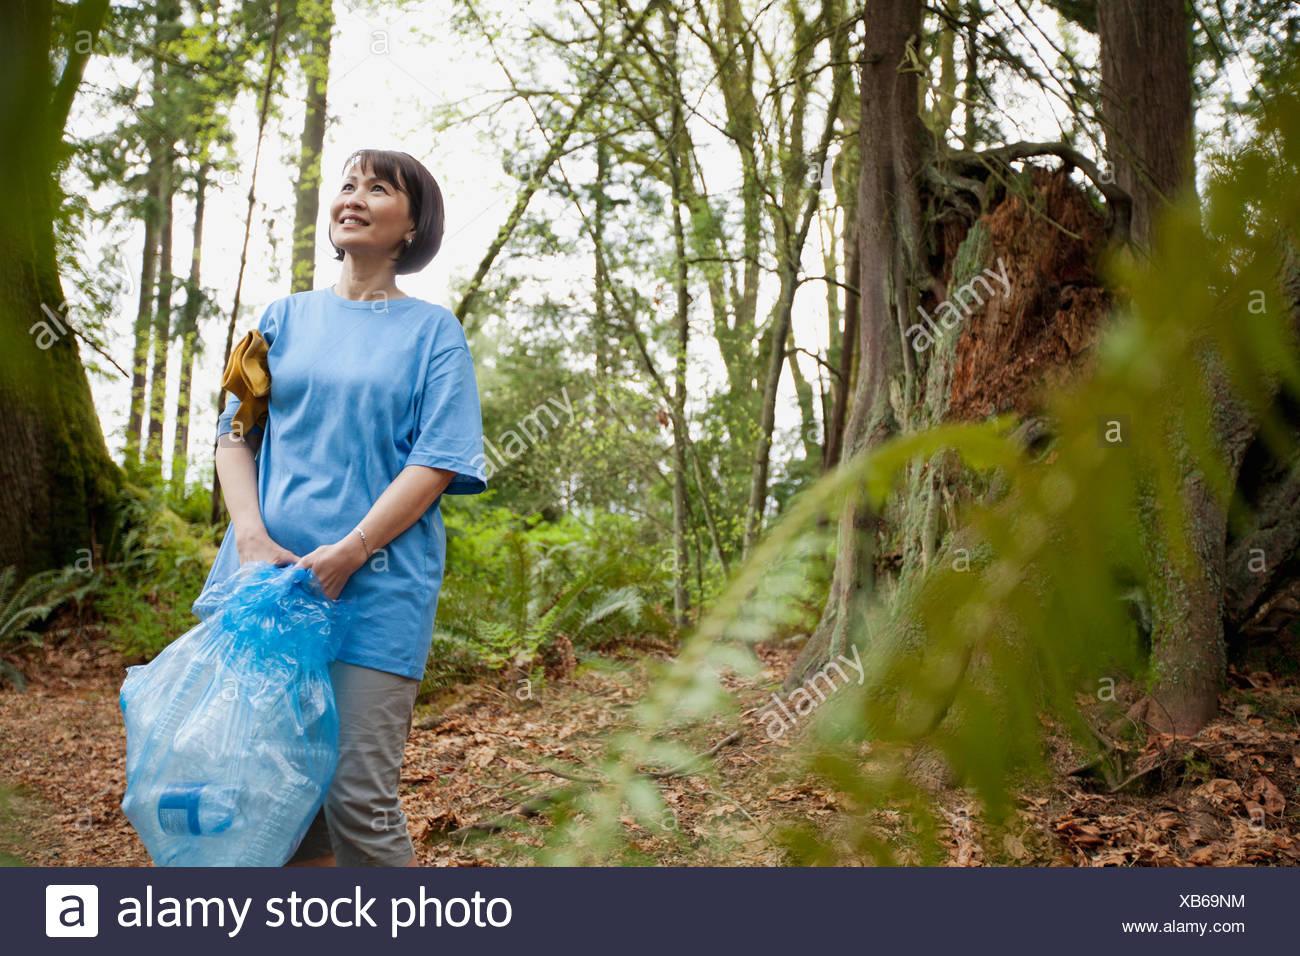 Donna matura contribuendo a ripulire il park Immagini Stock